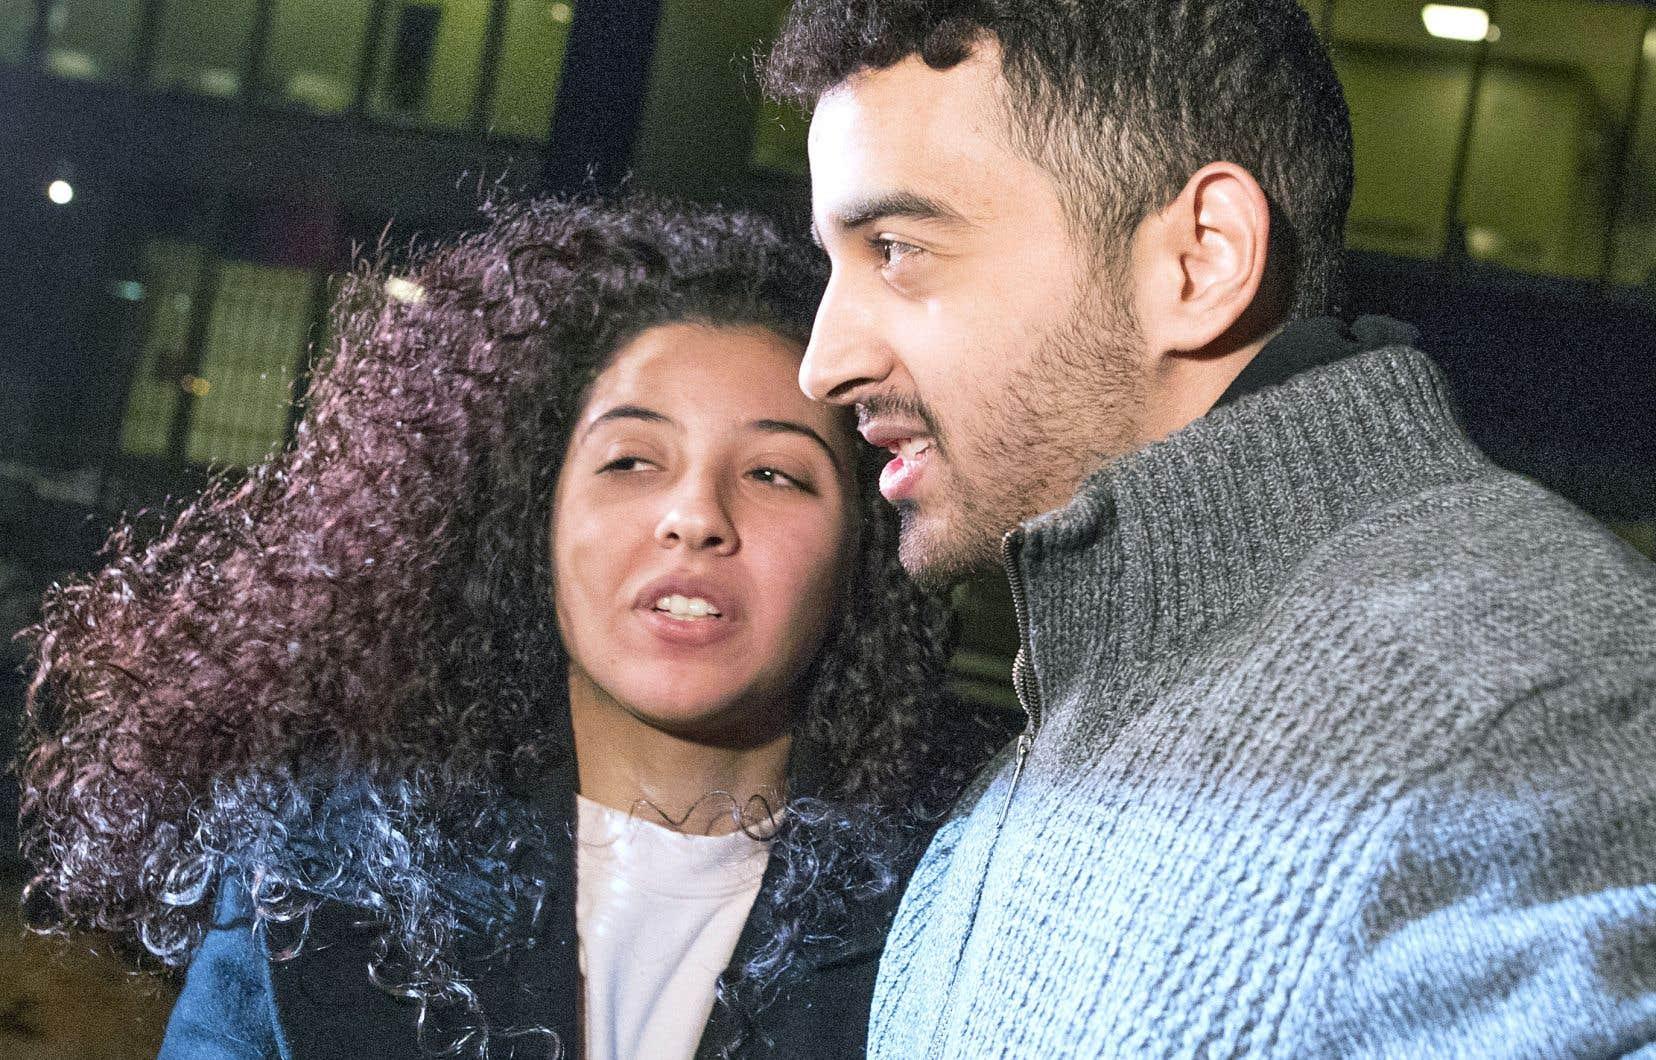 Sabrine Djermane et El Mahdi Jamali,deux anciens étudiants du collège de Maisonneuve acquittés d'accusations de terrorisme